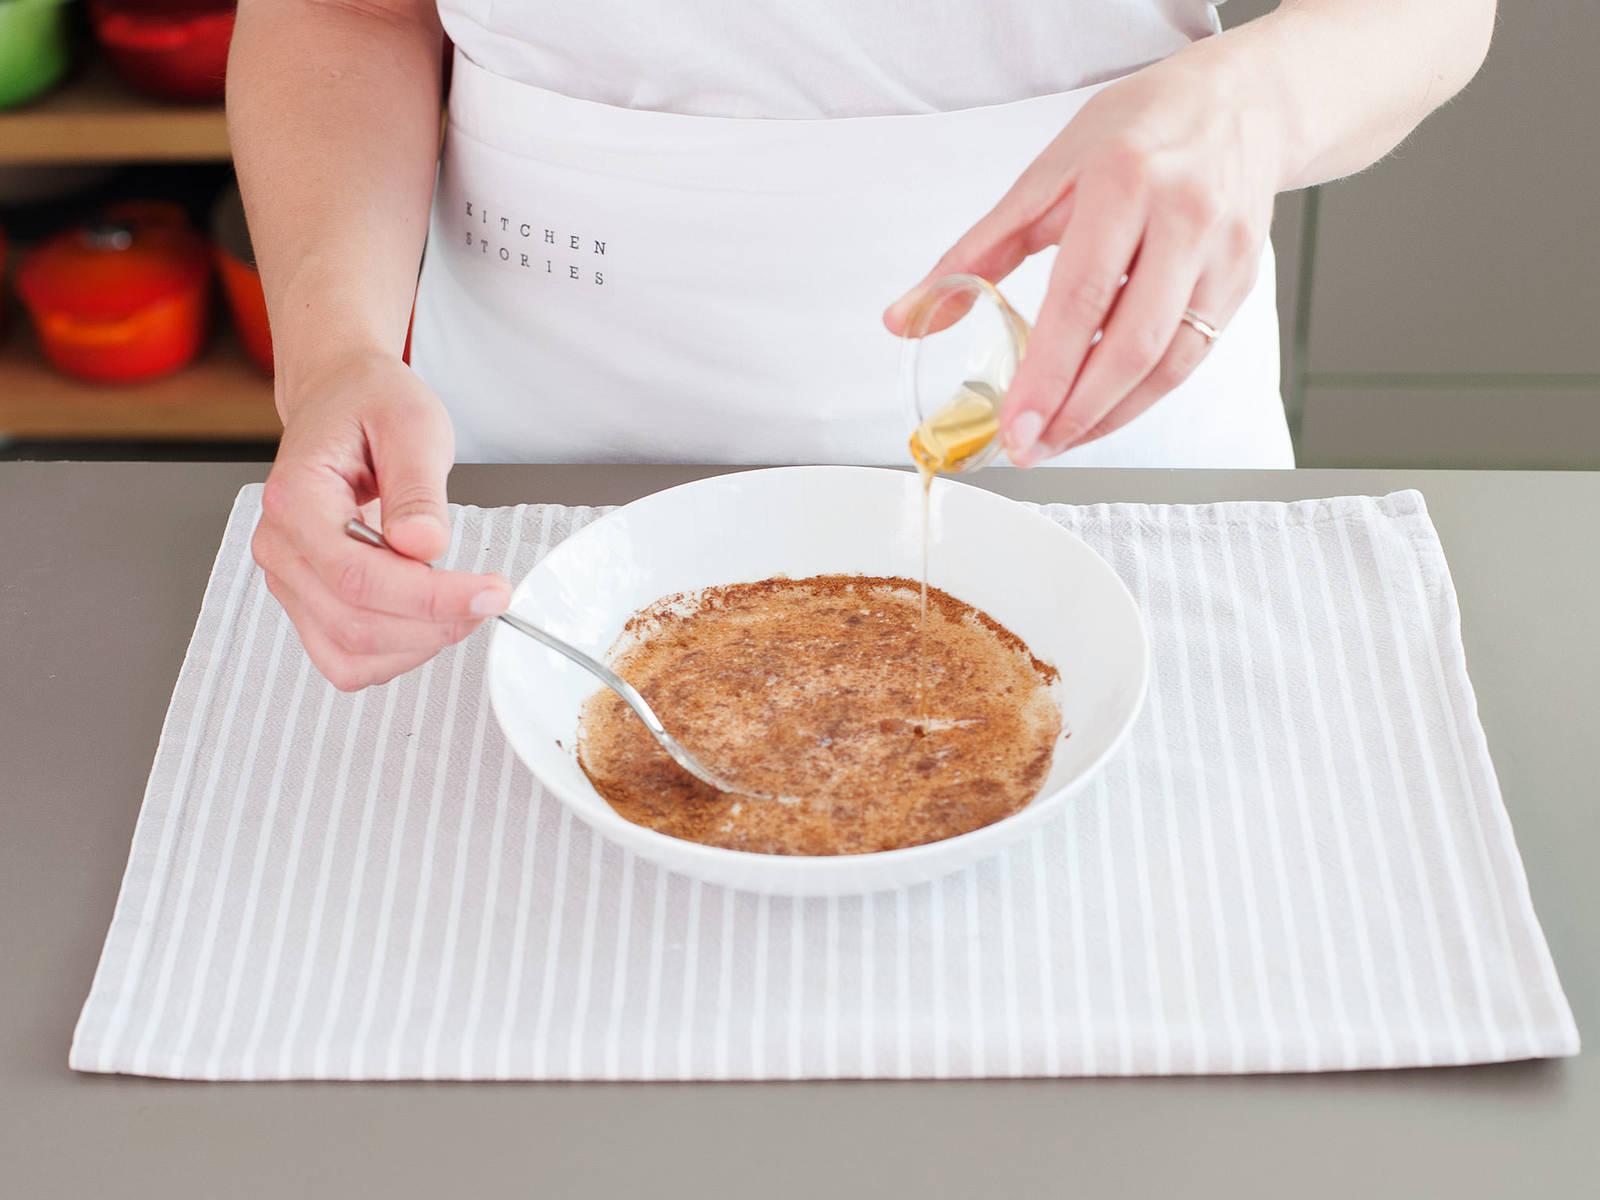 加入牛奶、肉桂和蜂蜜,搅拌均匀。